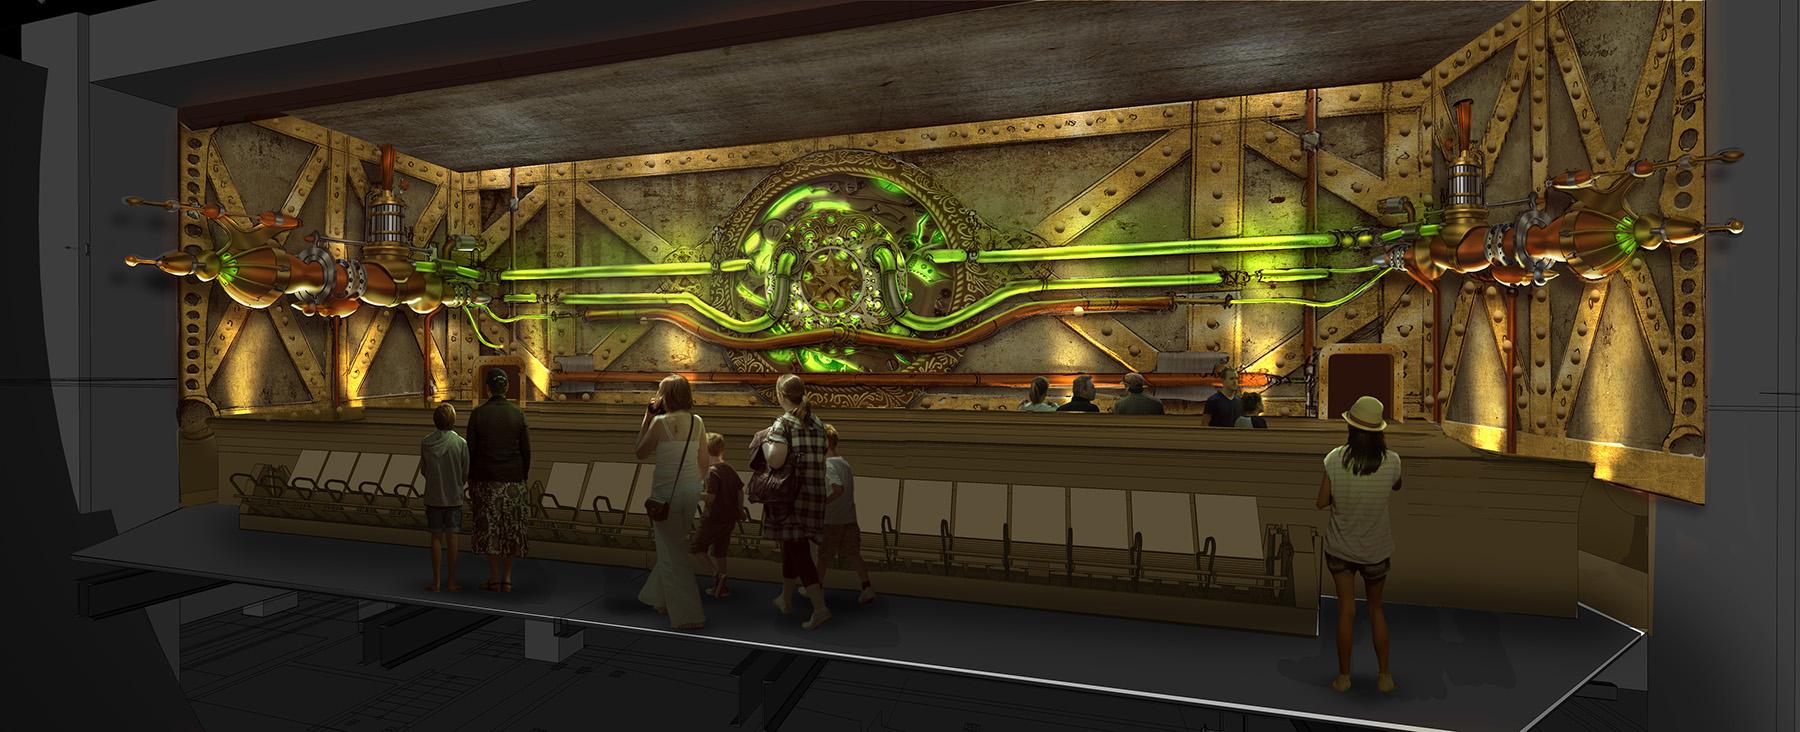 Theater_V2_sm.jpg